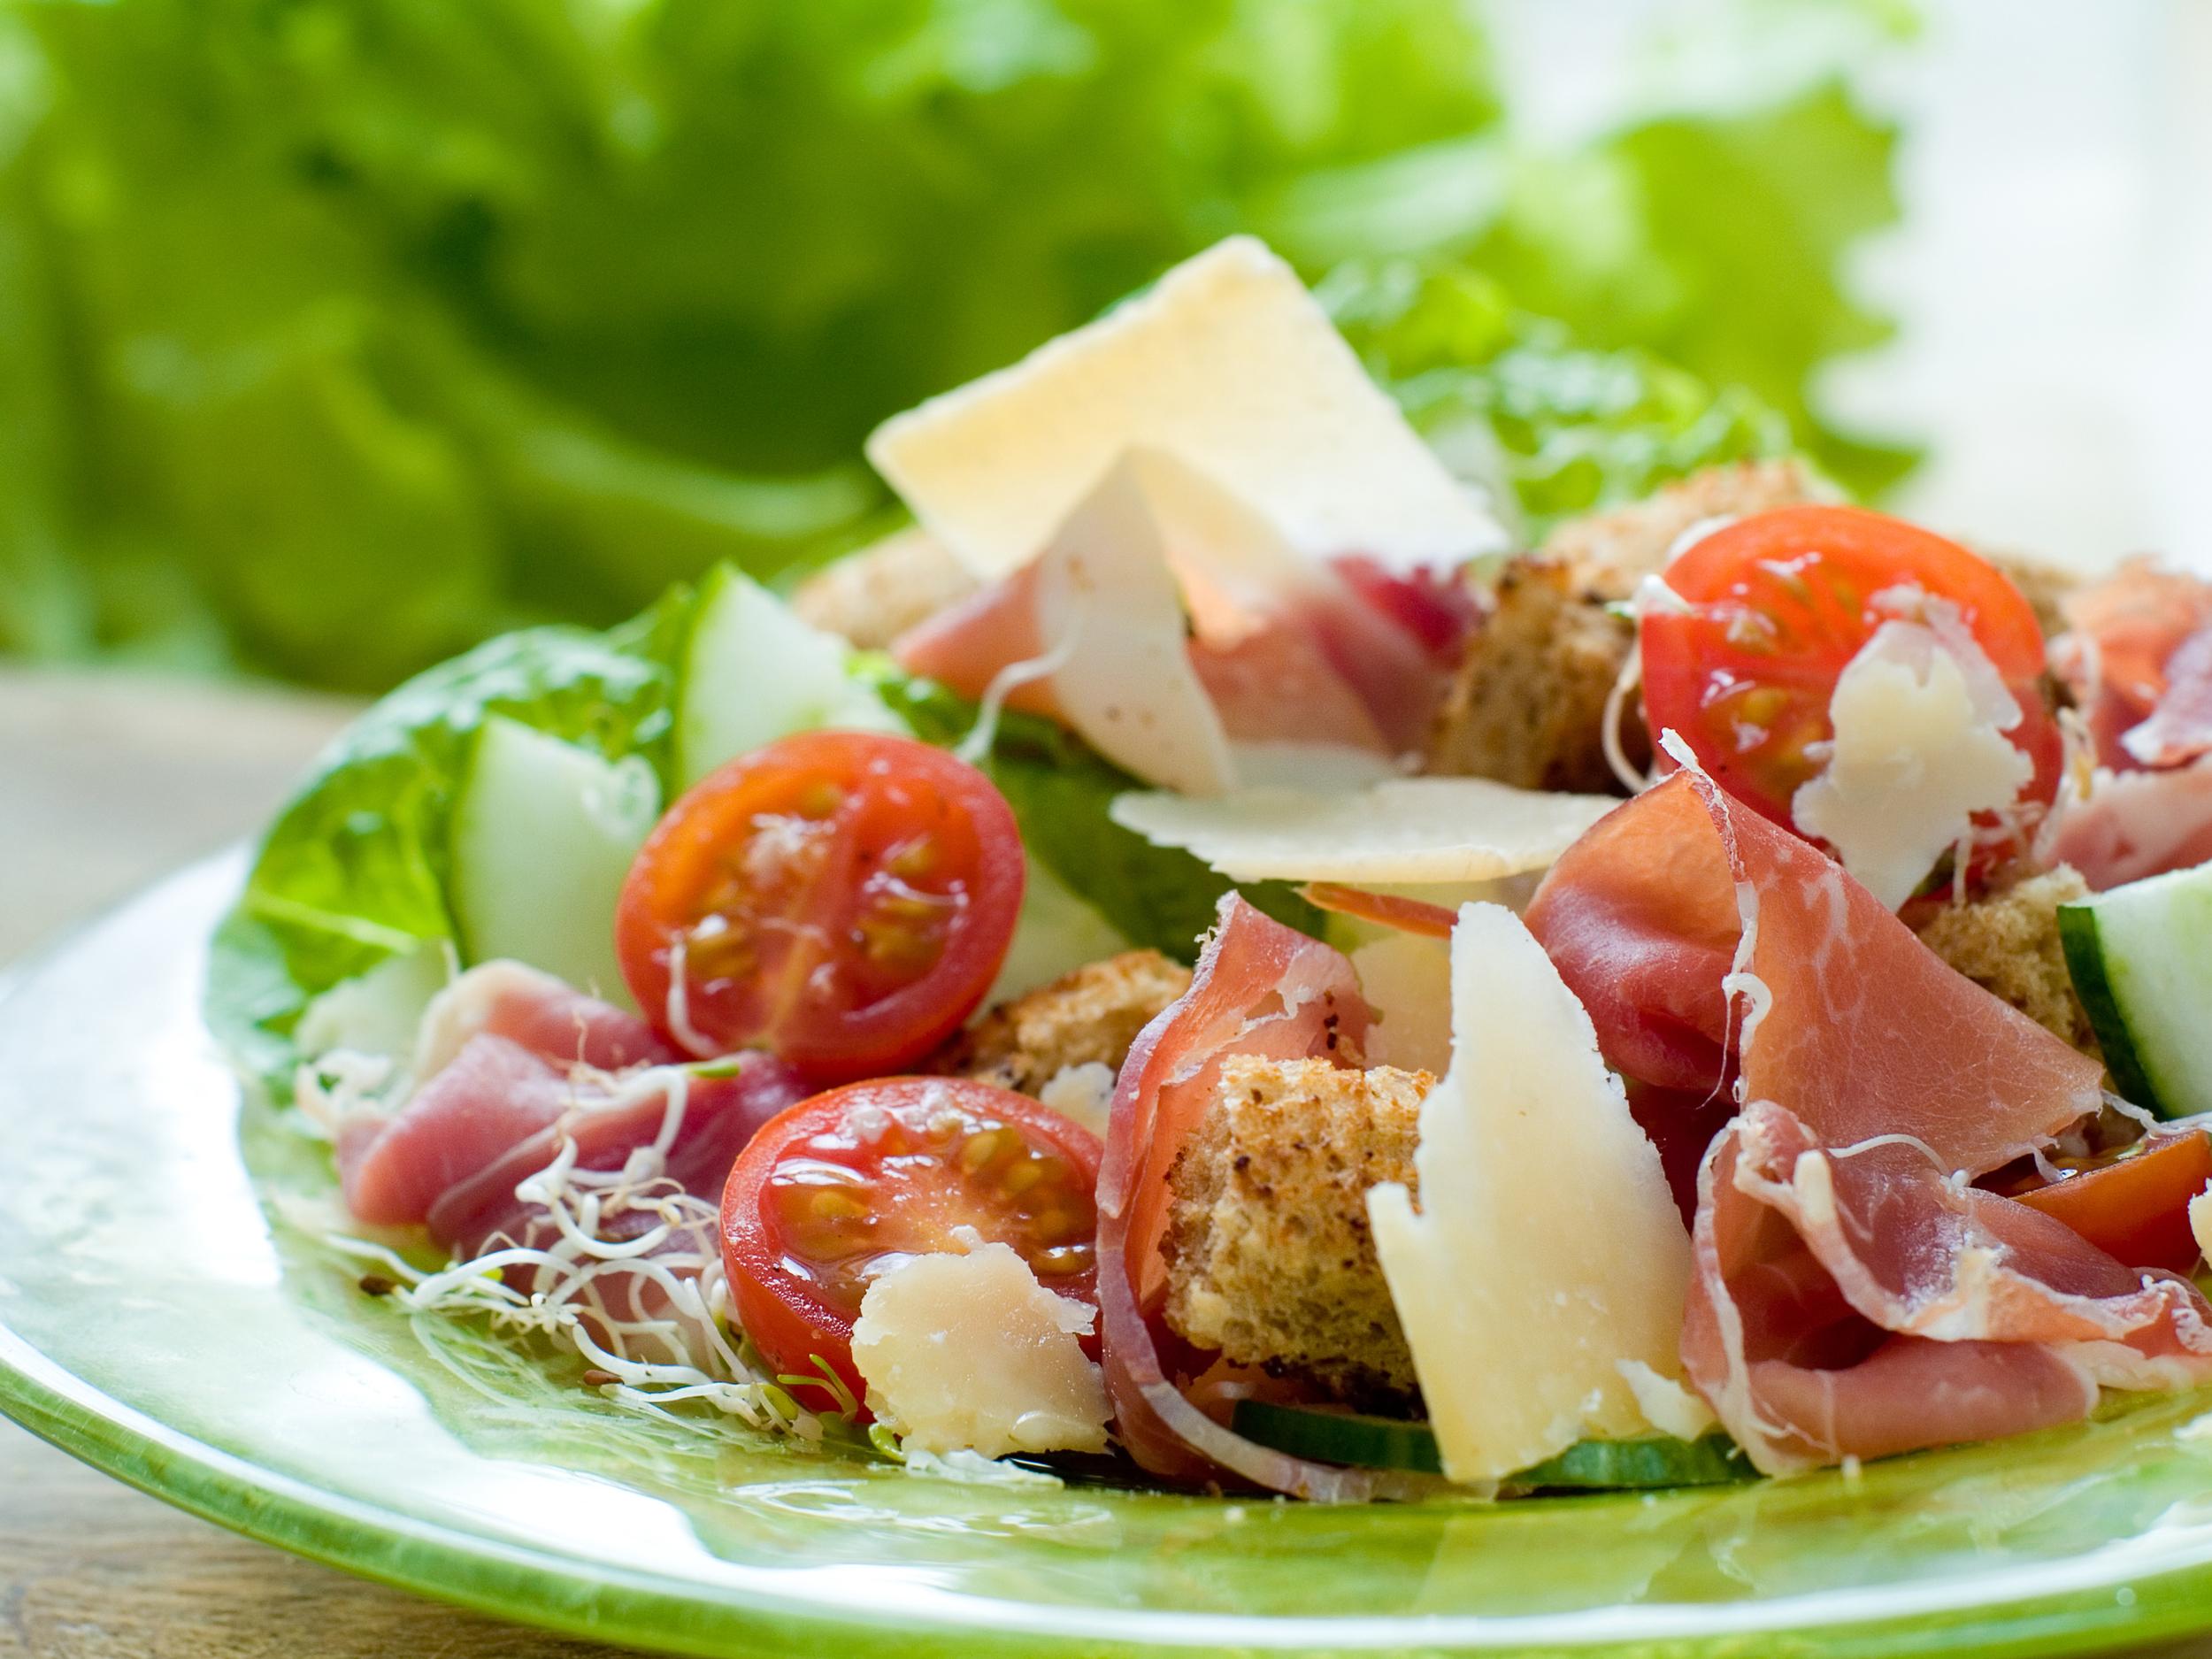 Prosciutto and Arugula Salad